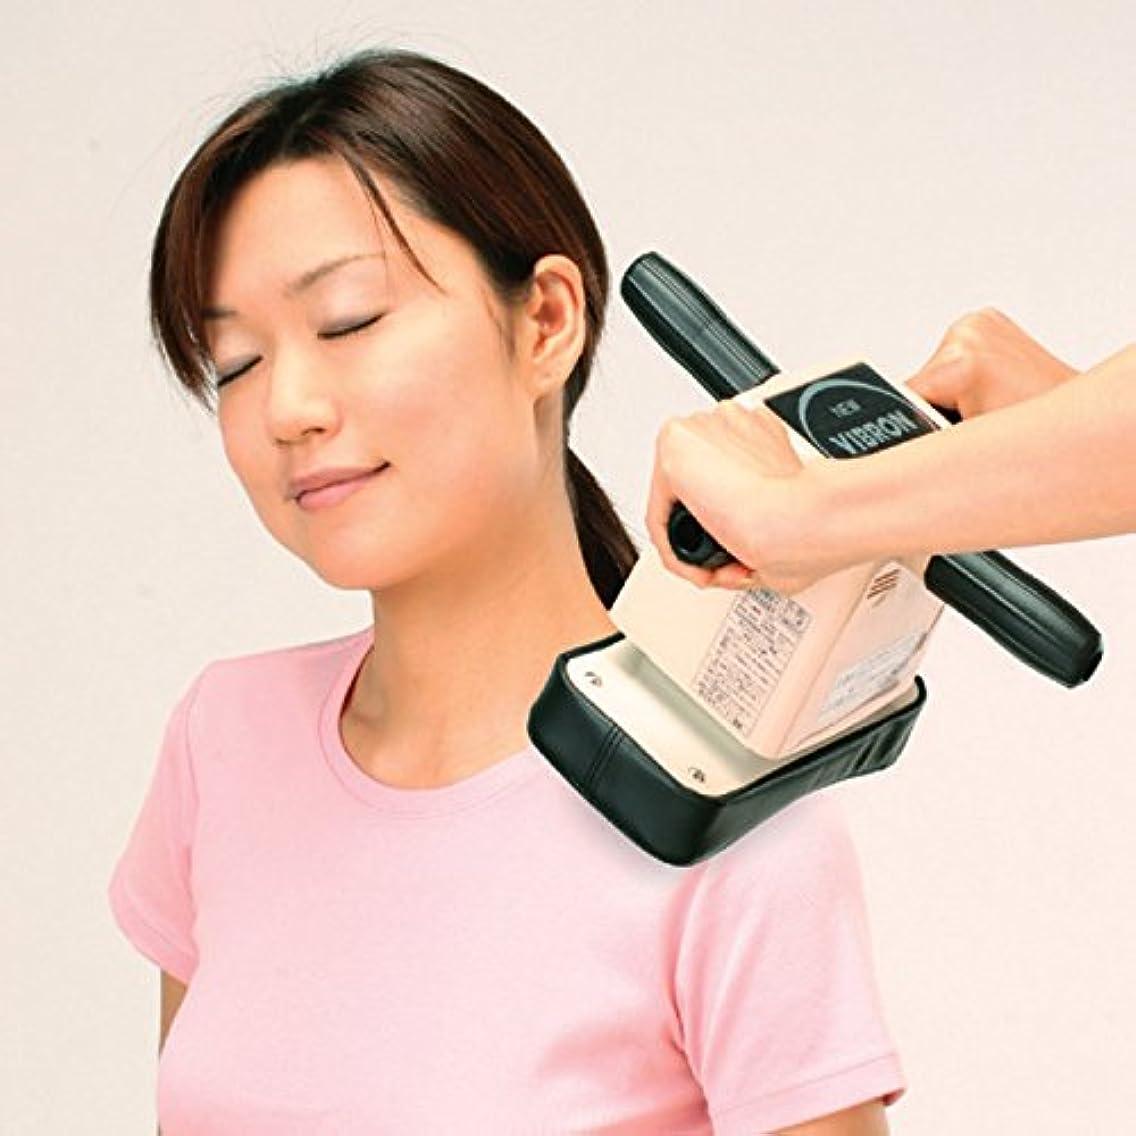 相談雄弁なバランスマッサージ器 電動 家庭用 按摩器 小型 日本製 【首?腰?足?ふくろはぎ?肩こりに】